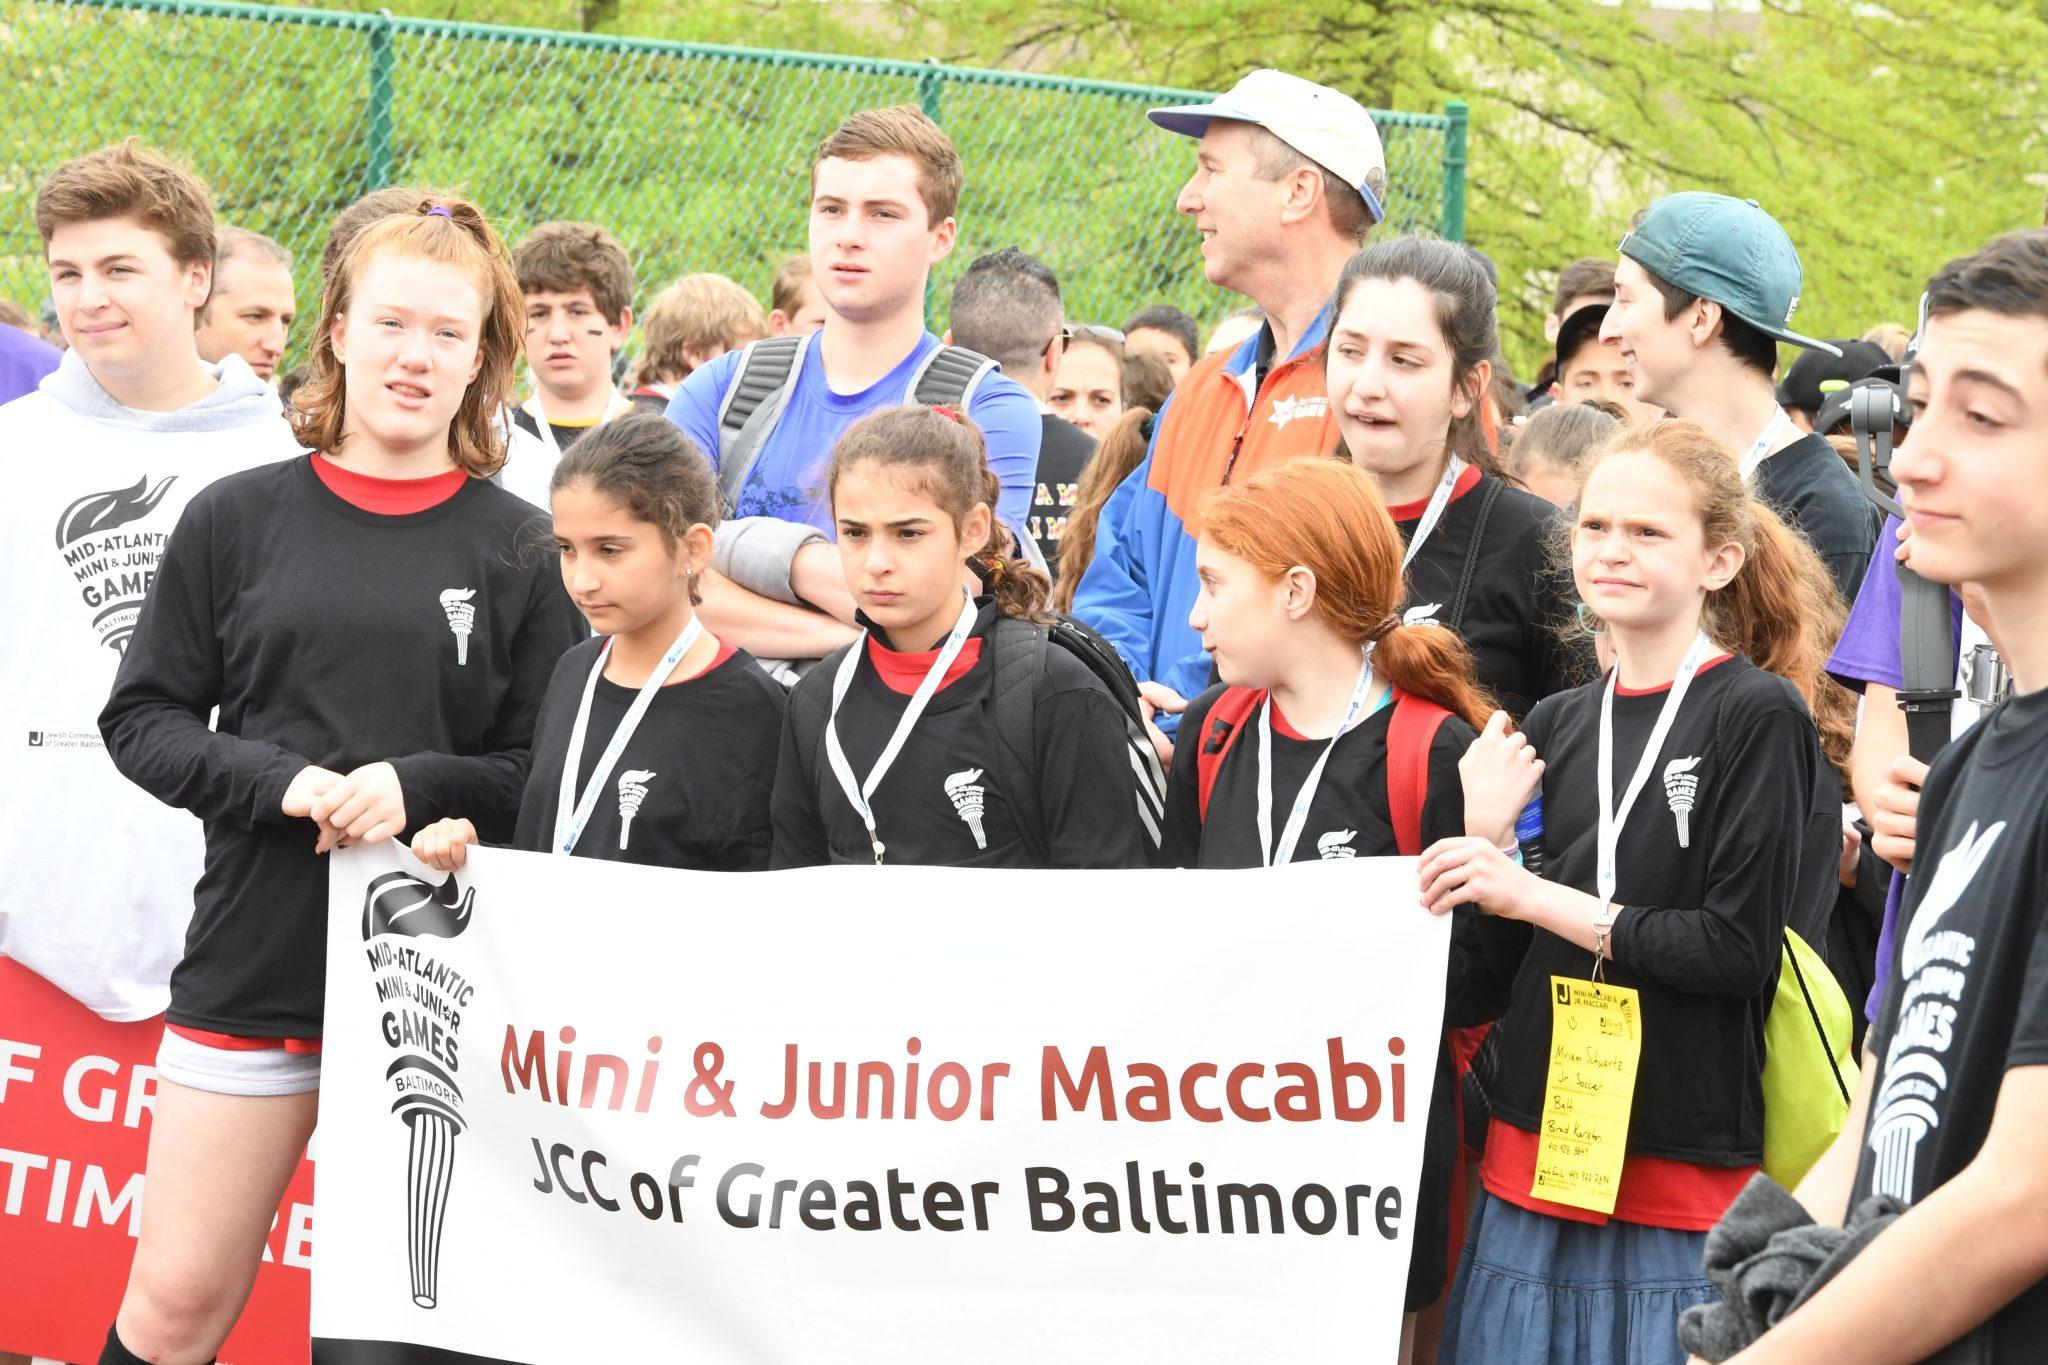 Mini and Junior Maccabi